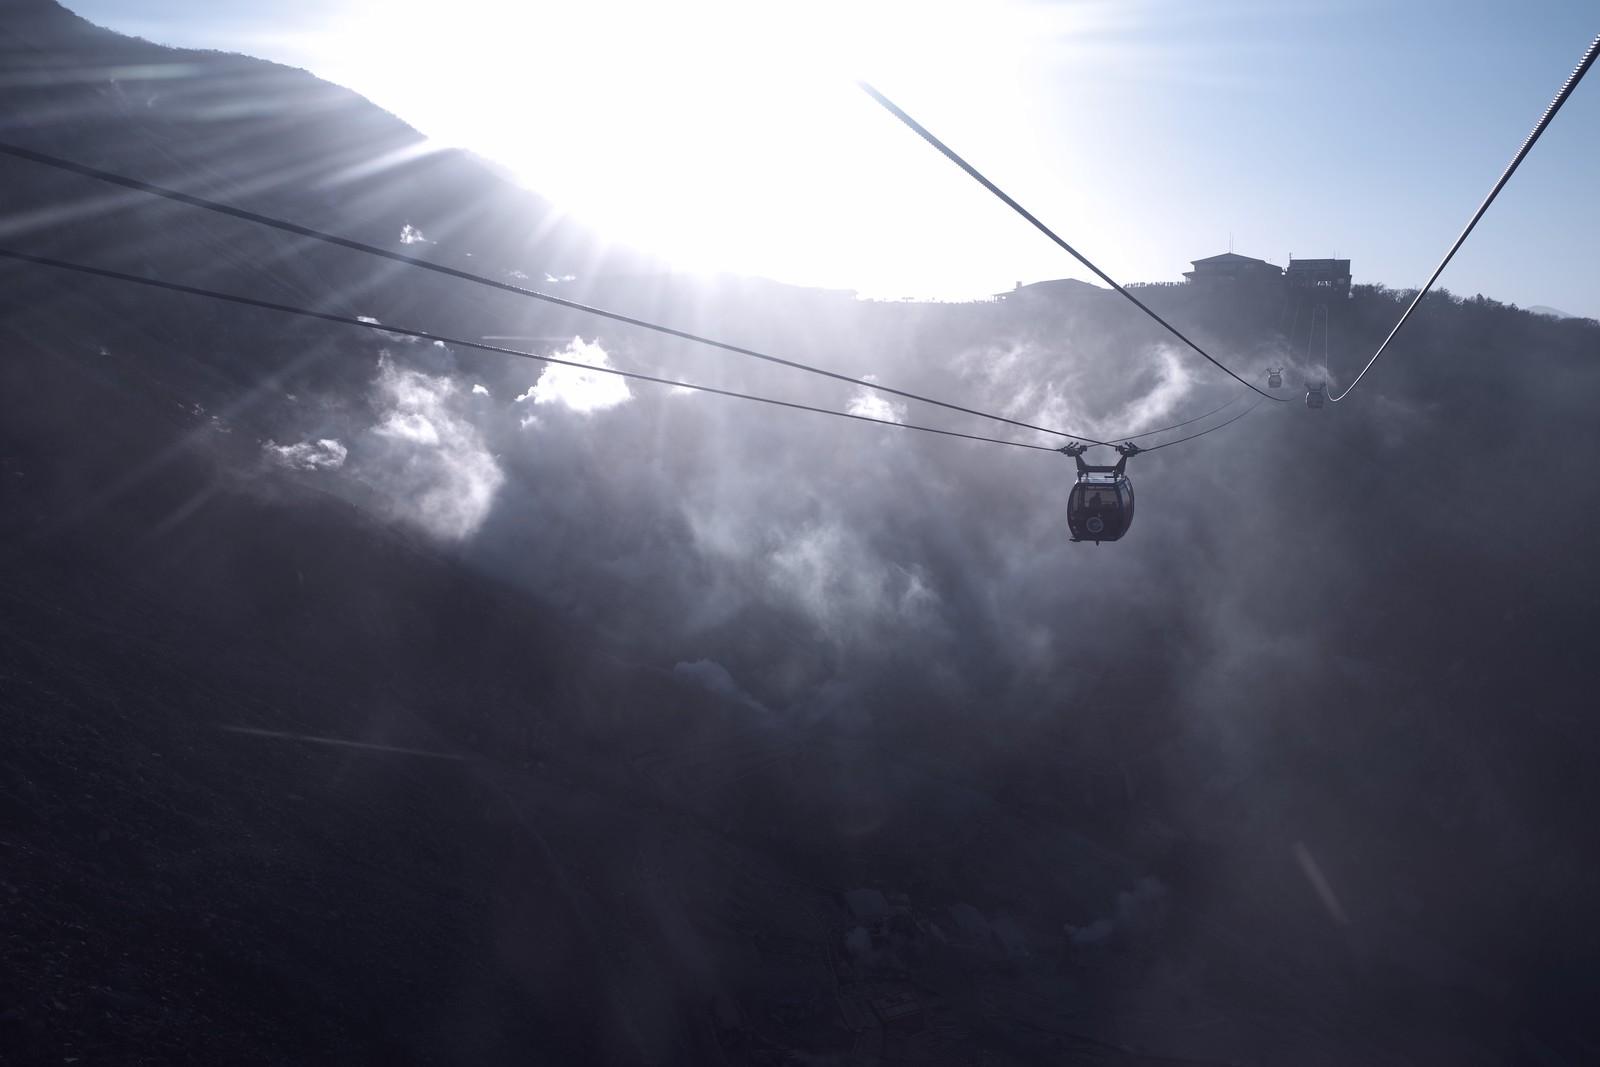 「蒸気が沸き立つ大涌谷の上を走るロープウェイ」の写真